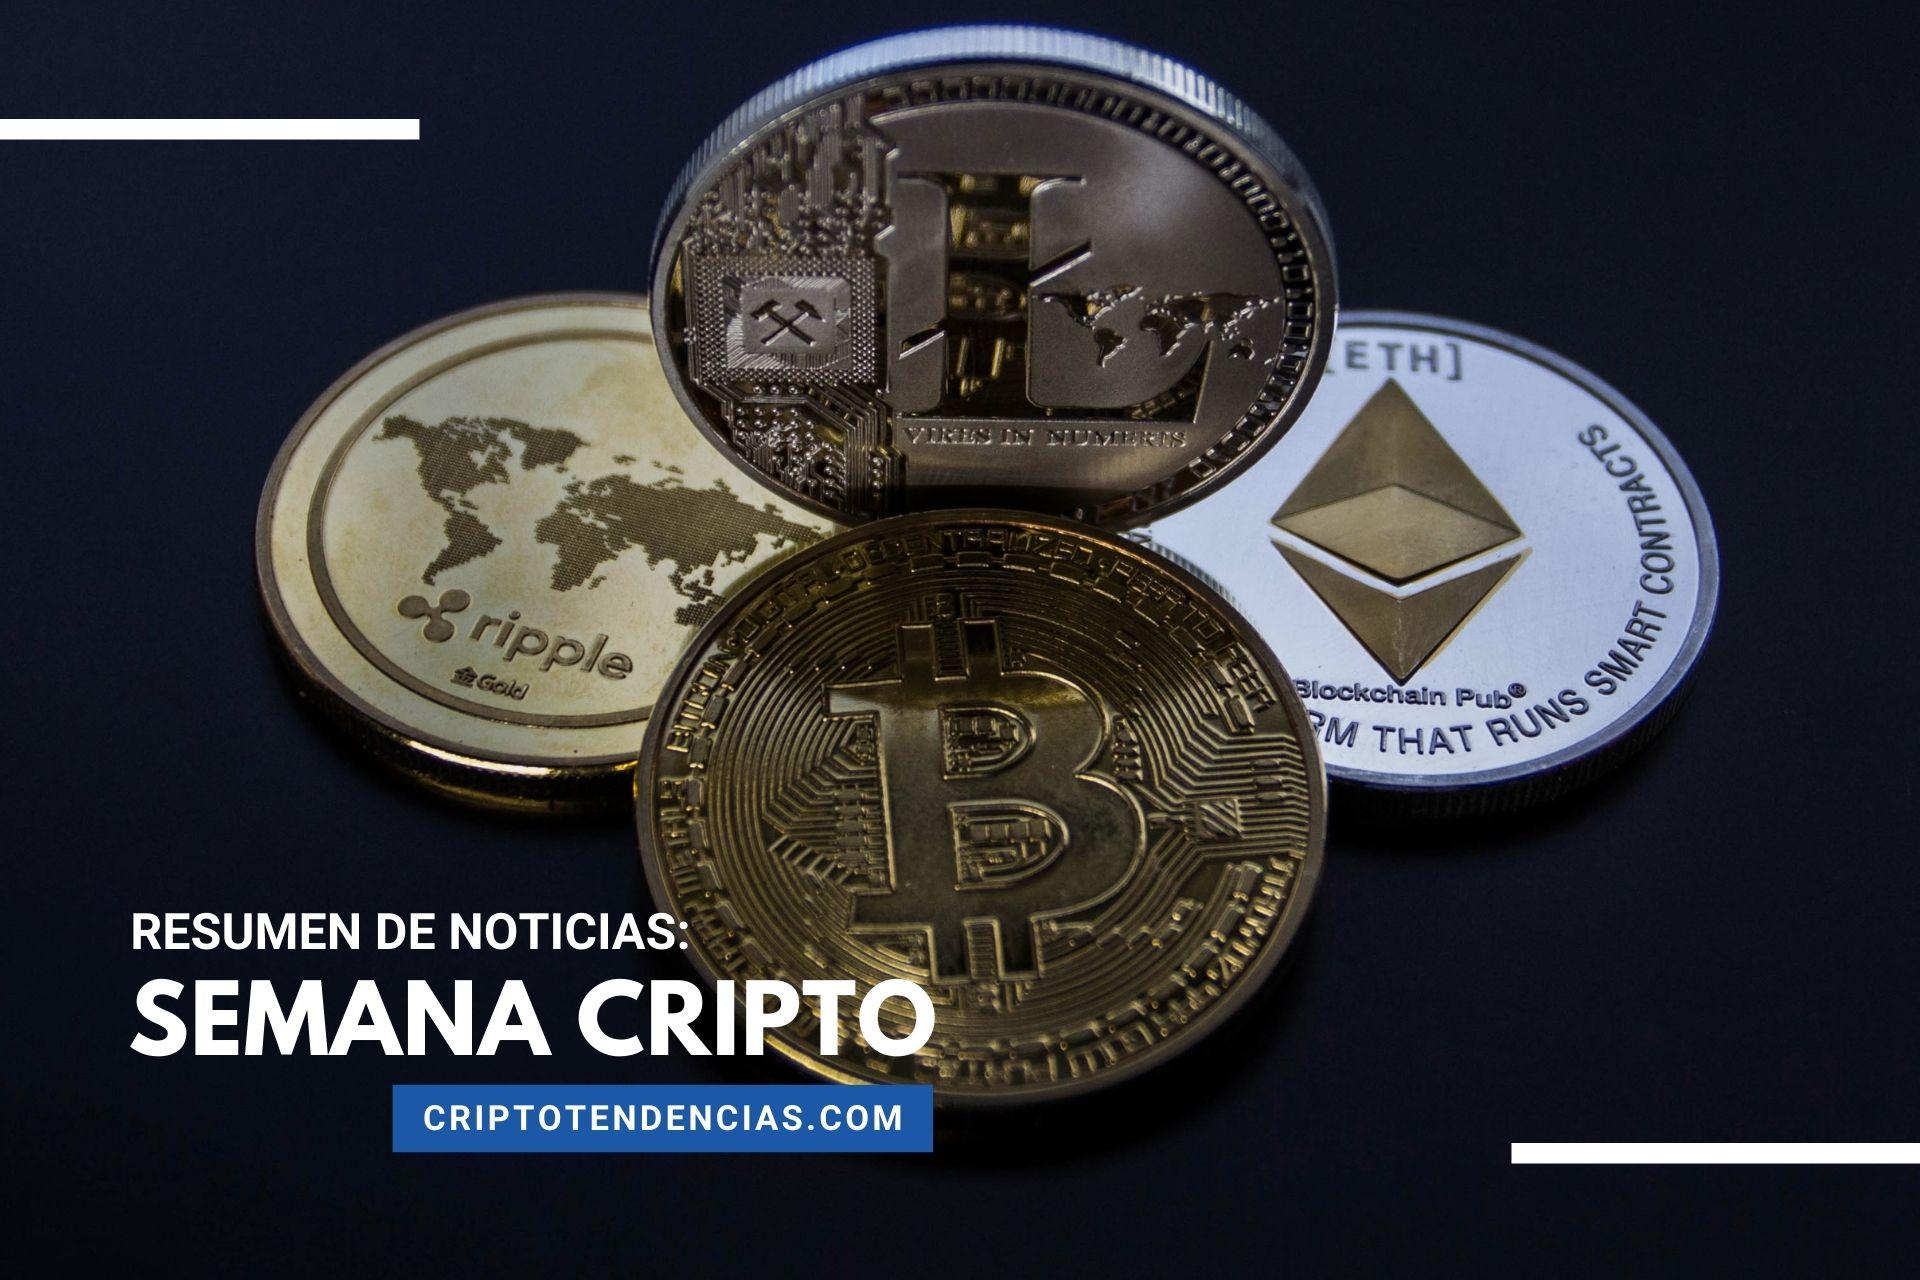 Repasamos las noticias más destacadas para Bitcoin y las criptomonedas en Semana Cripto